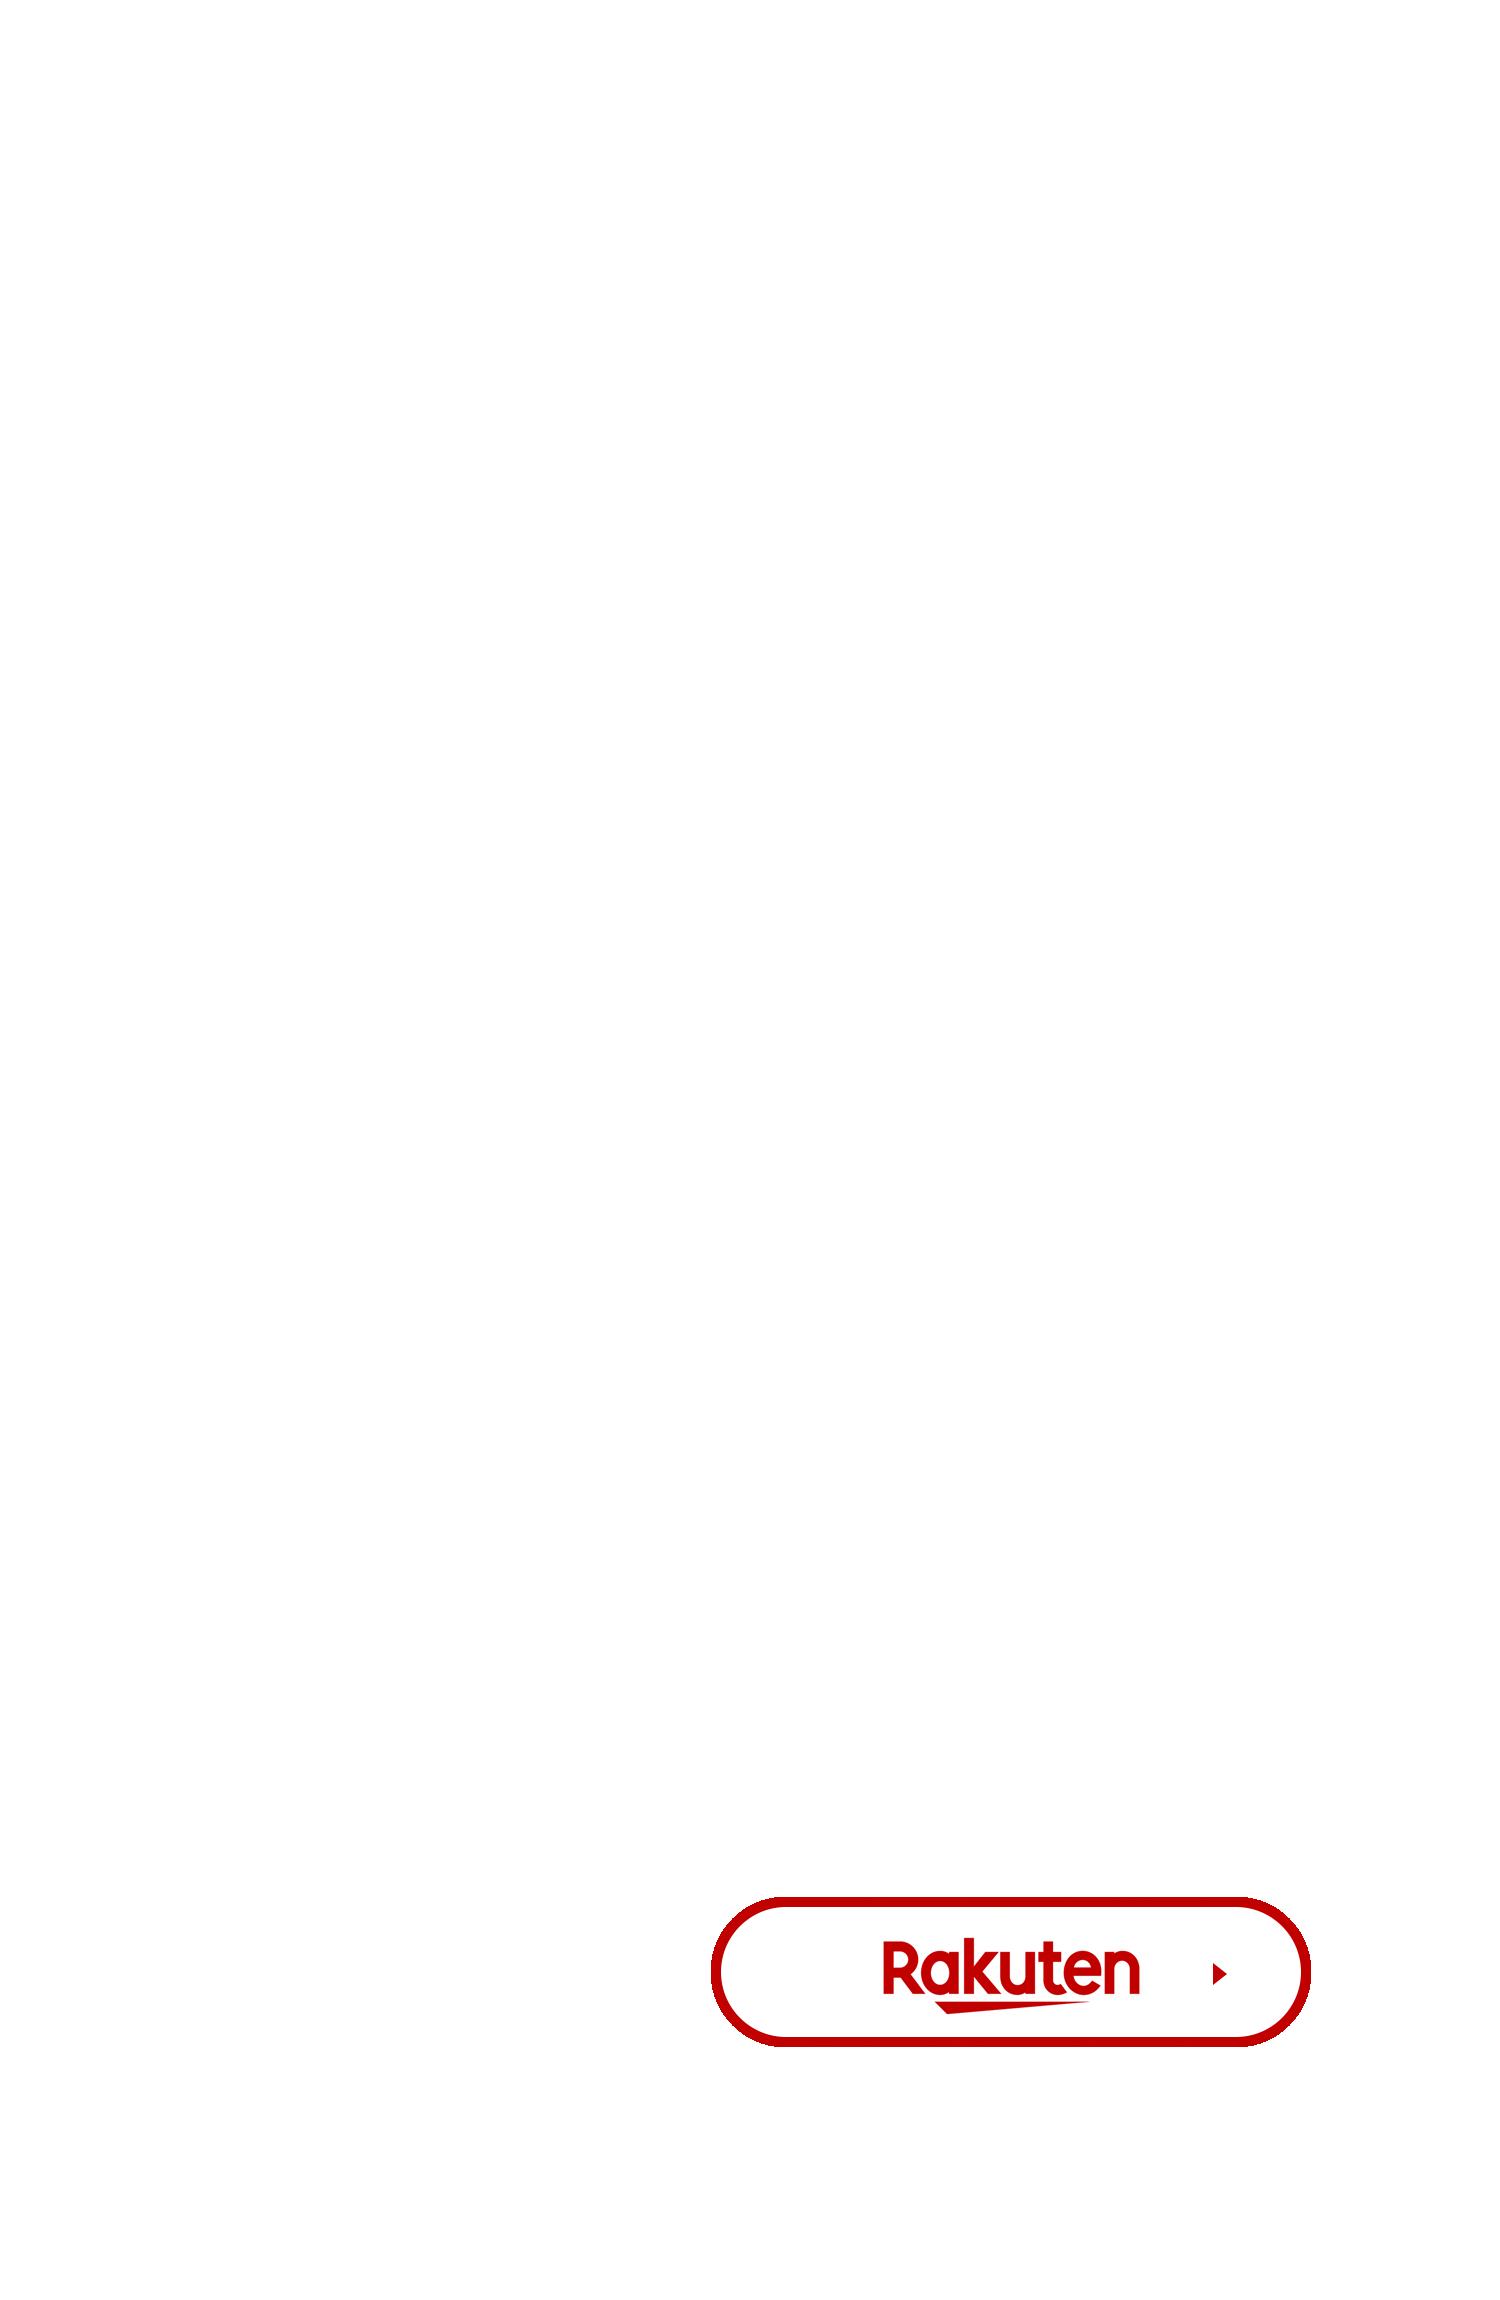 ジェリーズポップコーン楽天市場店